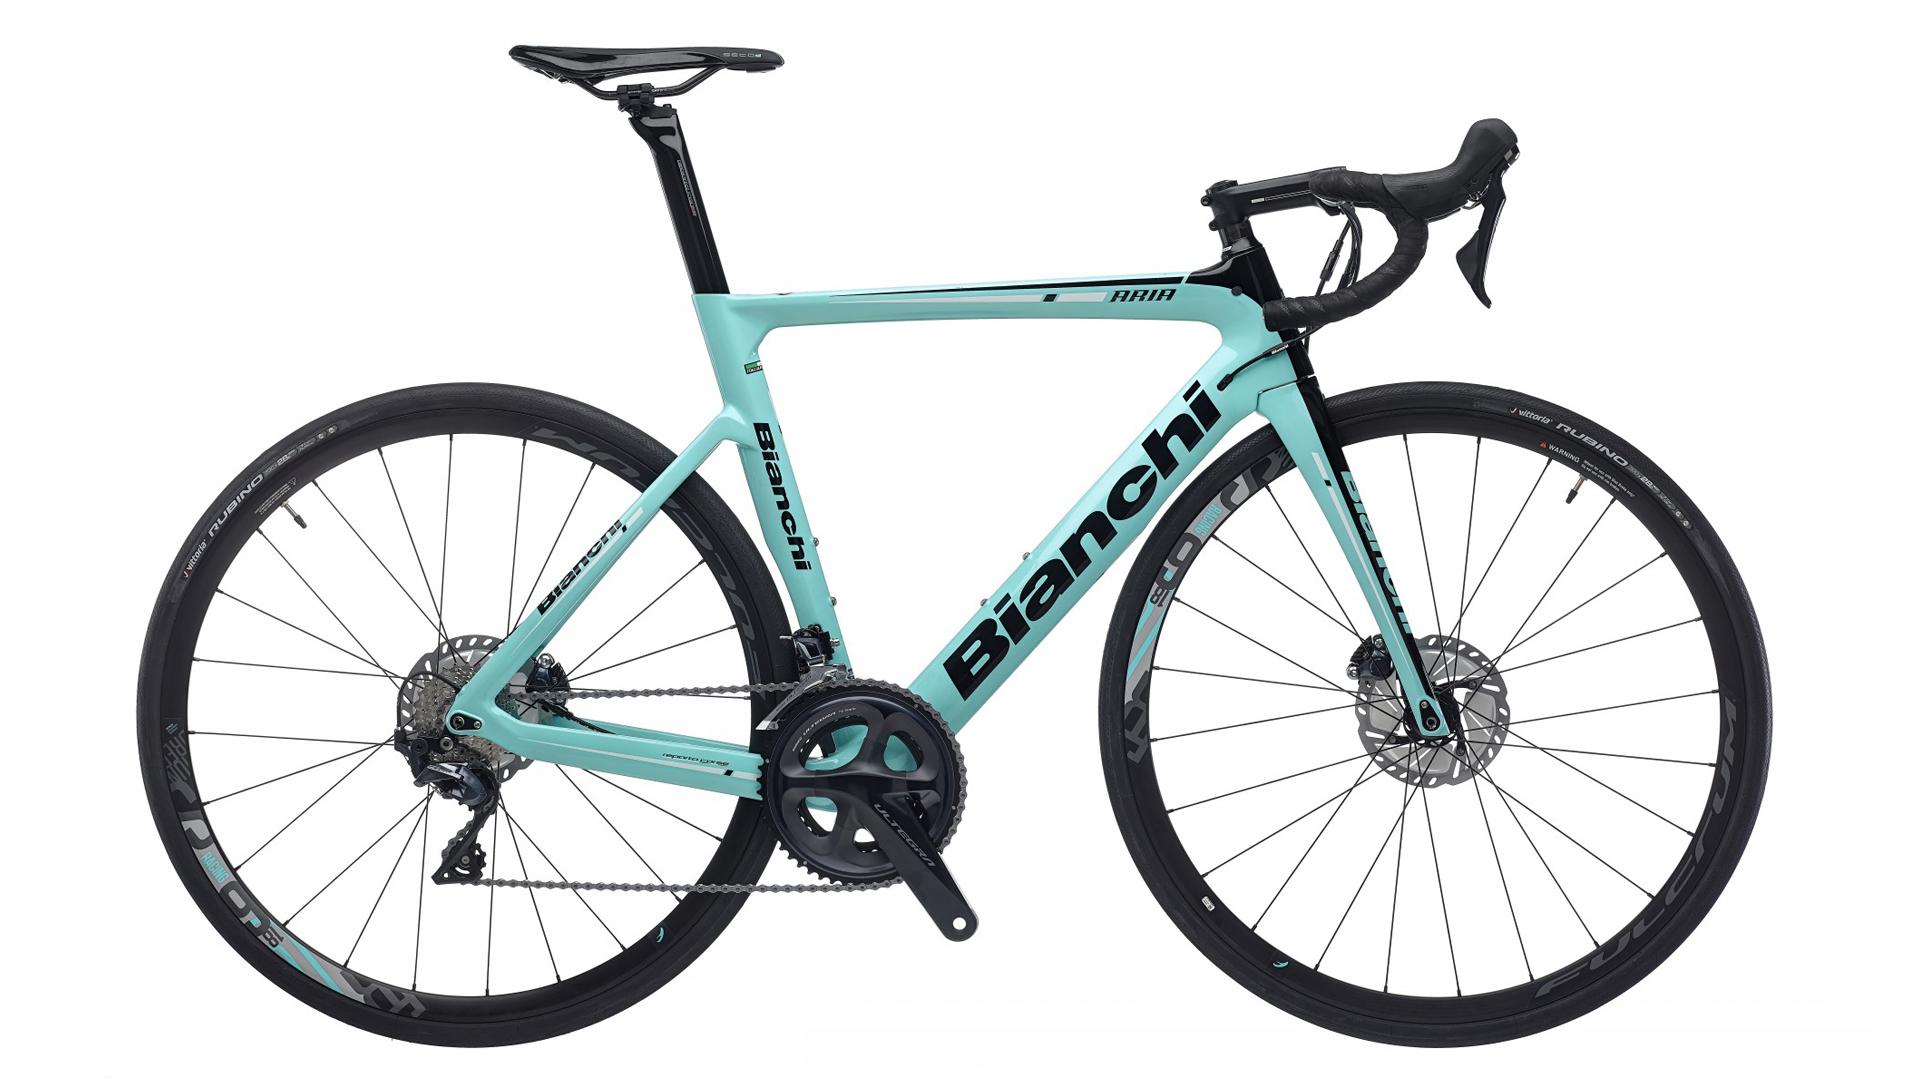 Best aero road bikes: Bianchi Aria Disc Ultegra